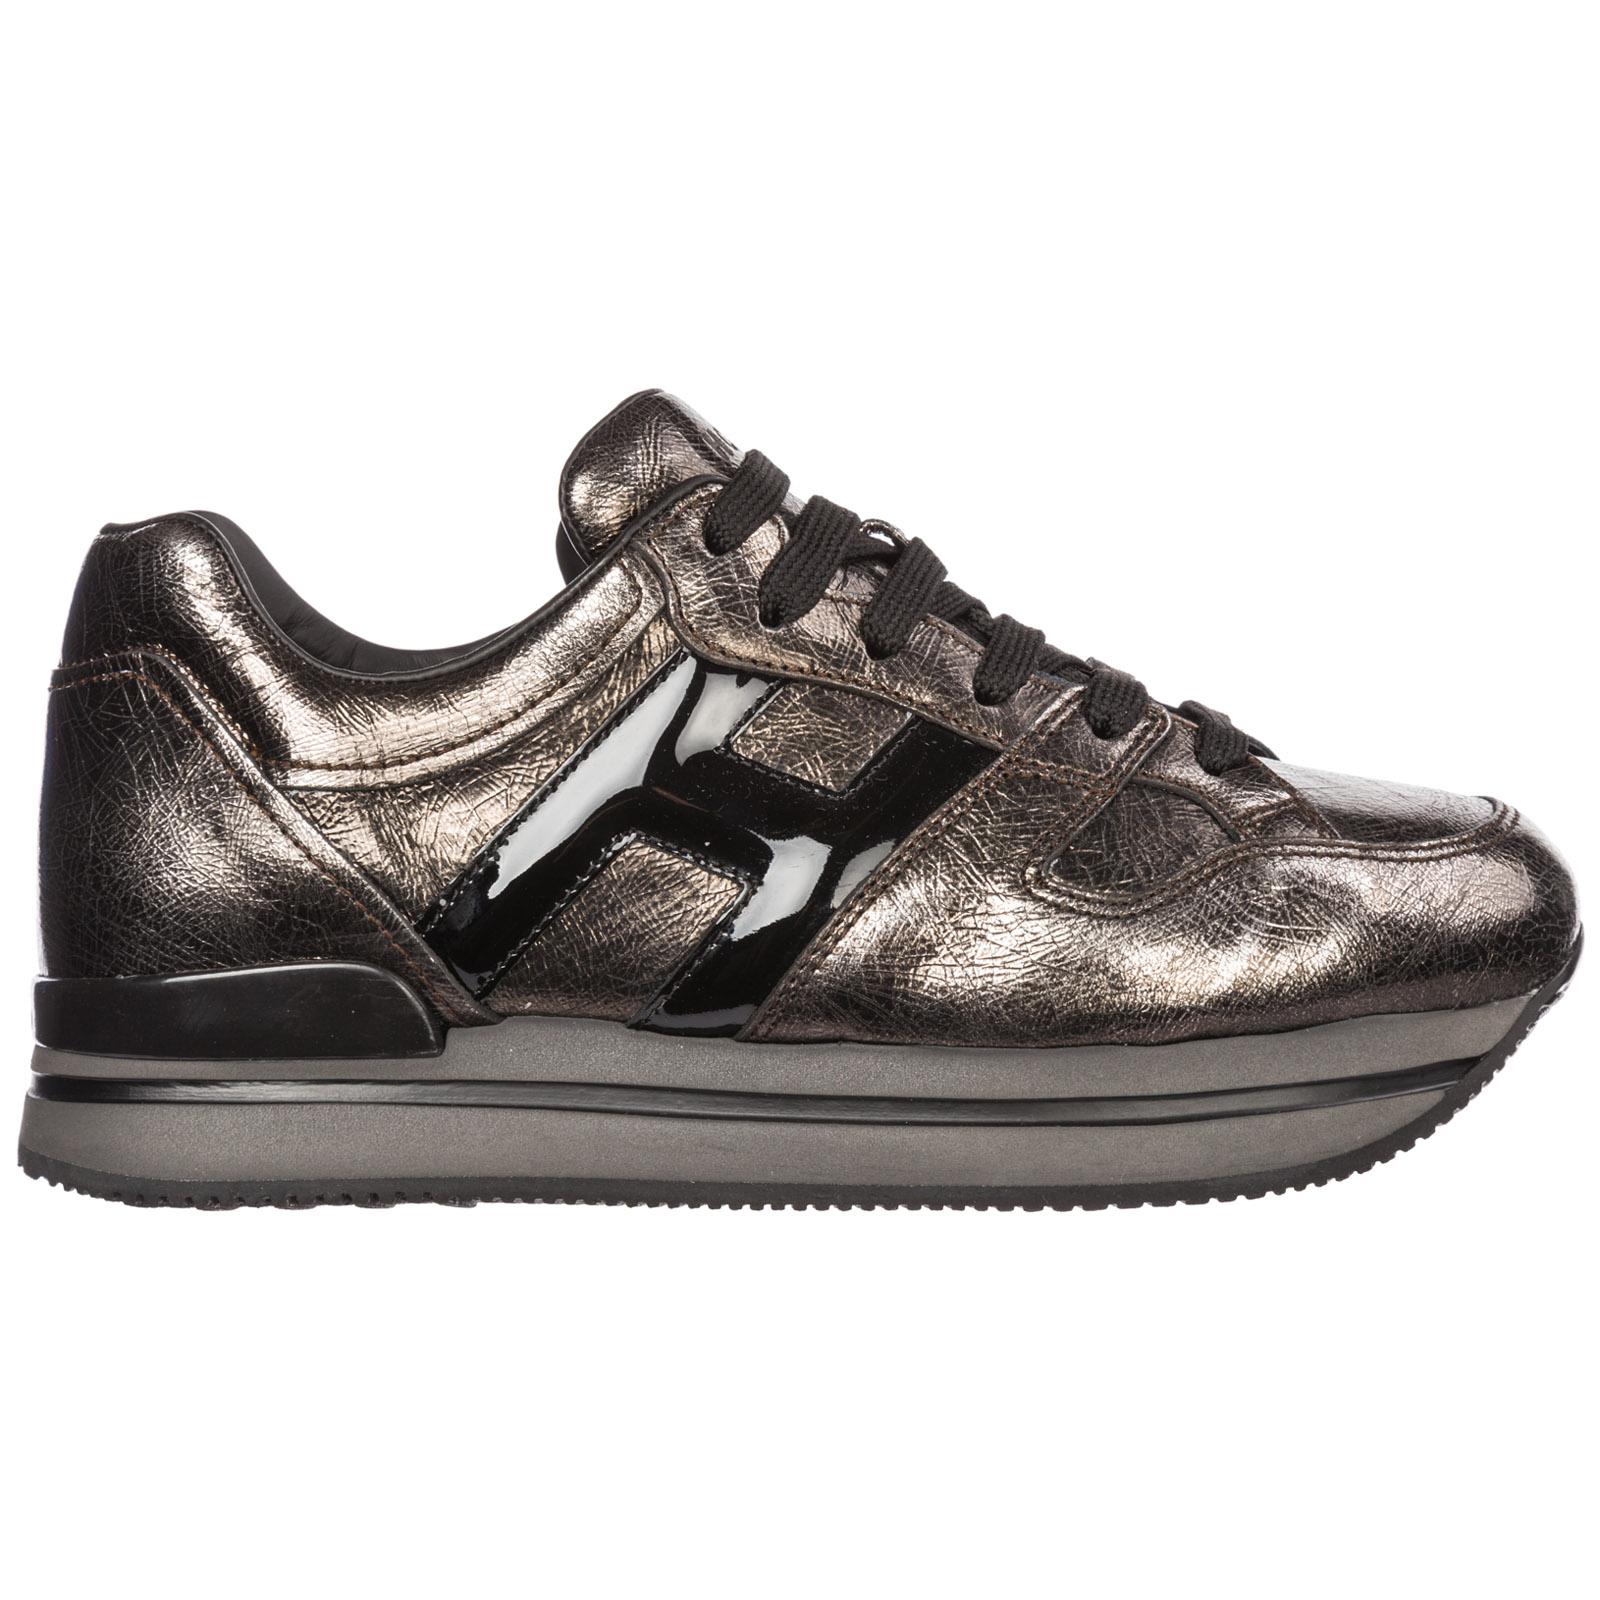 effa5f432c5ddc Hogan  scarpe